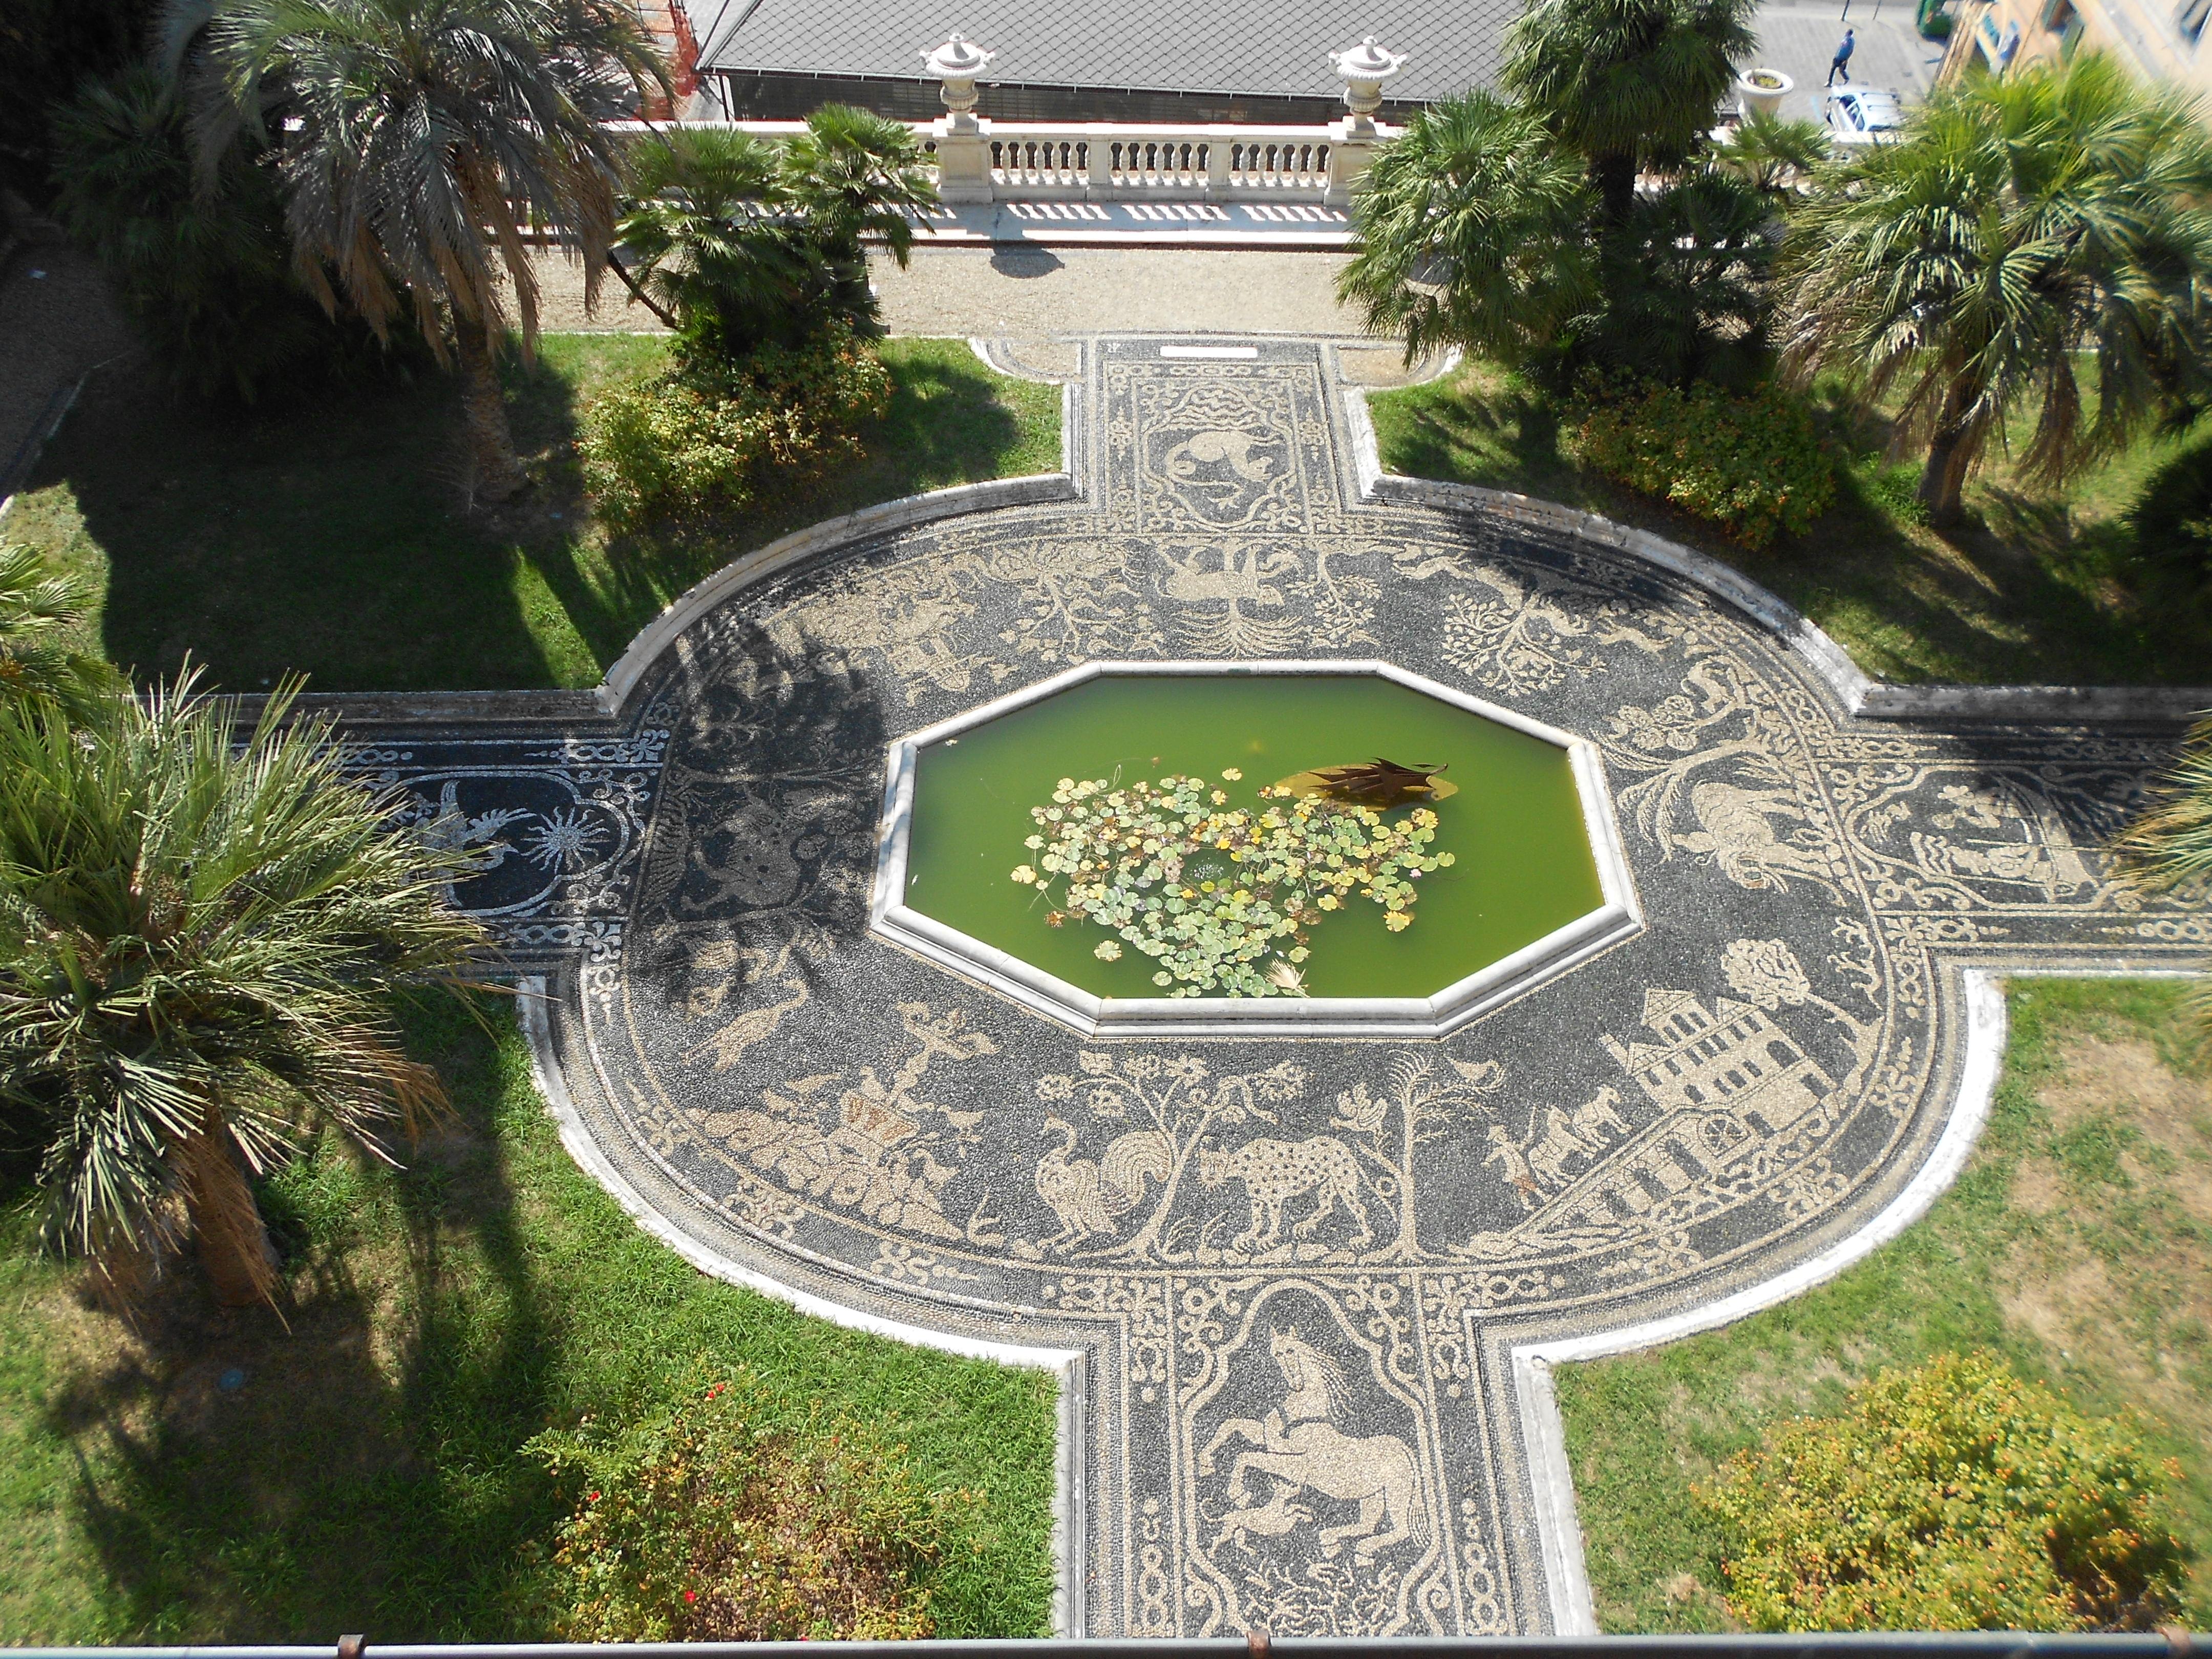 File risseu di palazzo reale genova jpg wikipedia - Pilozzo da esterno ...